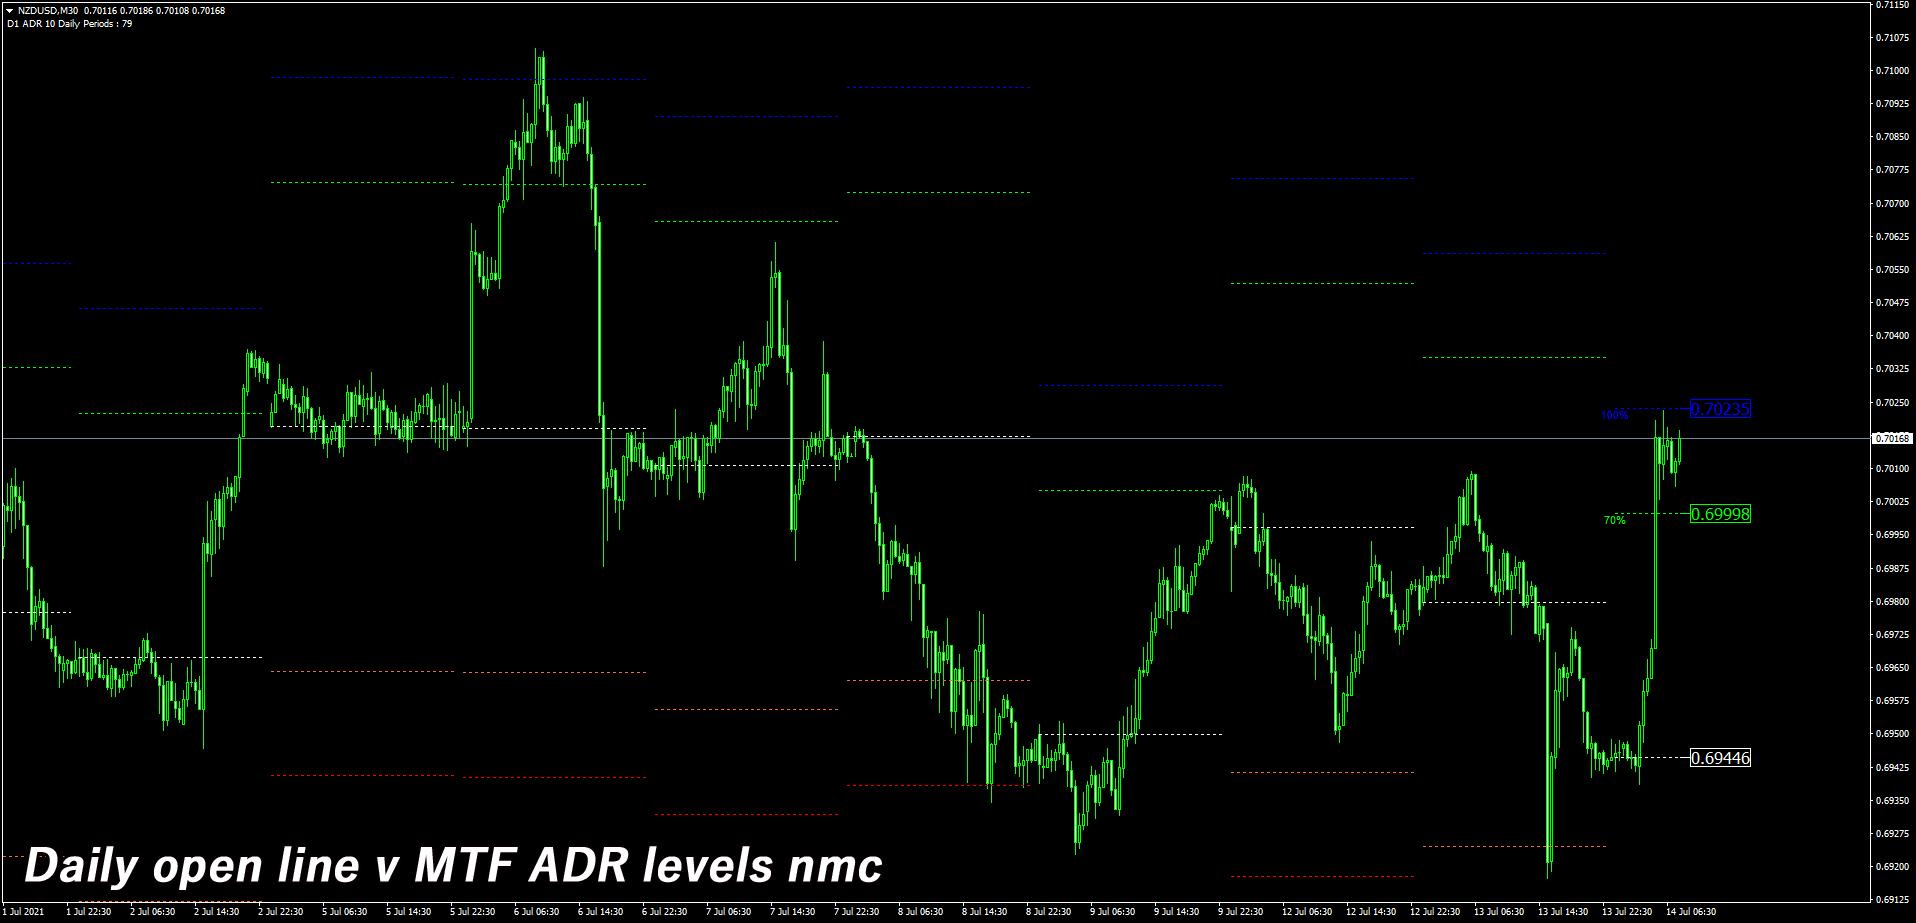 Daily open line v MTF ADR levels nmcを表示したチャート